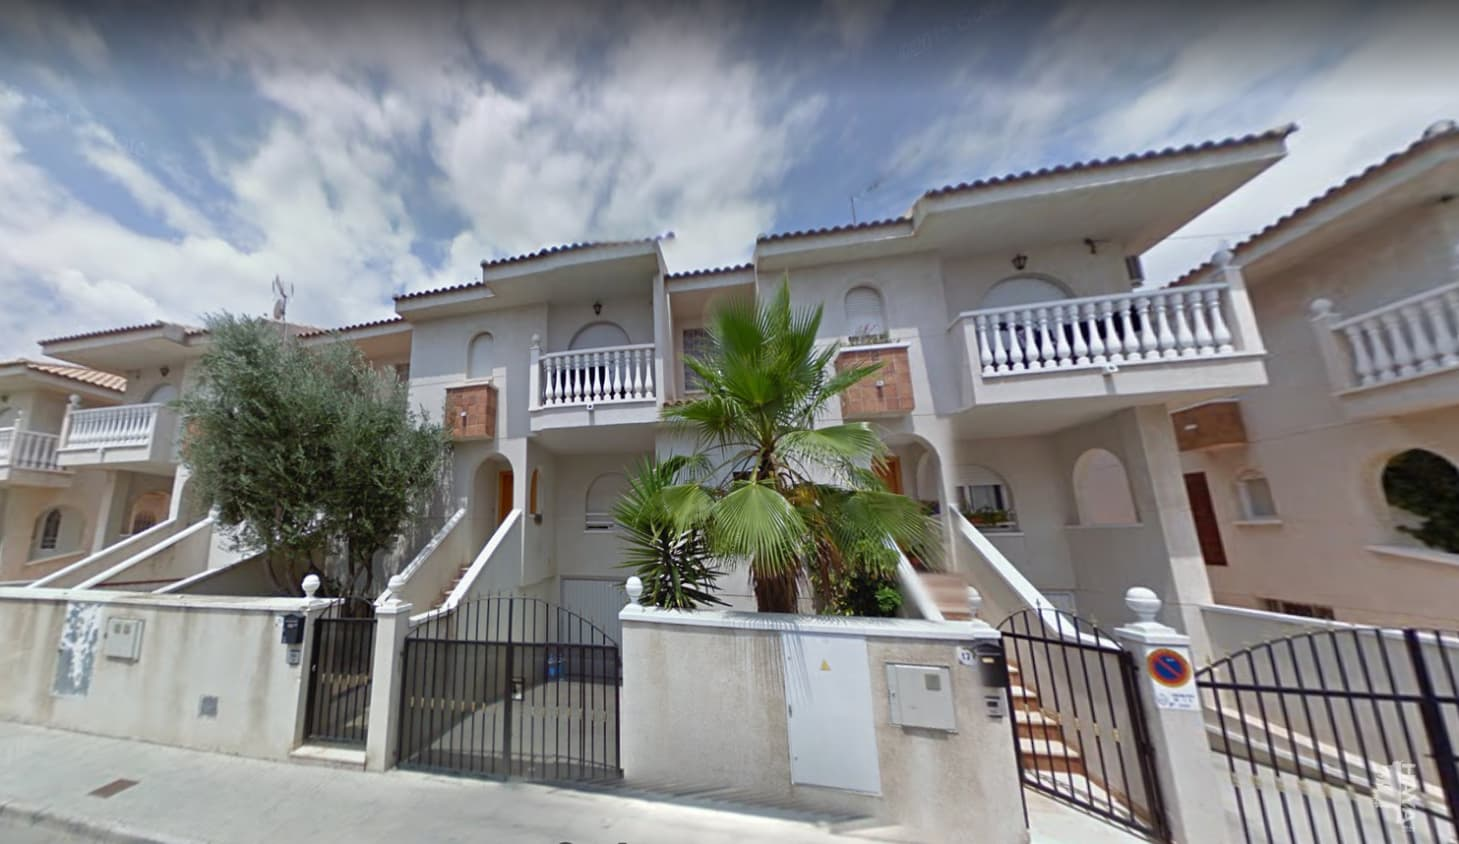 Casa en venta en Casa en Elda, Alicante, 86.332 €, 3 habitaciones, 2 baños, 154 m2